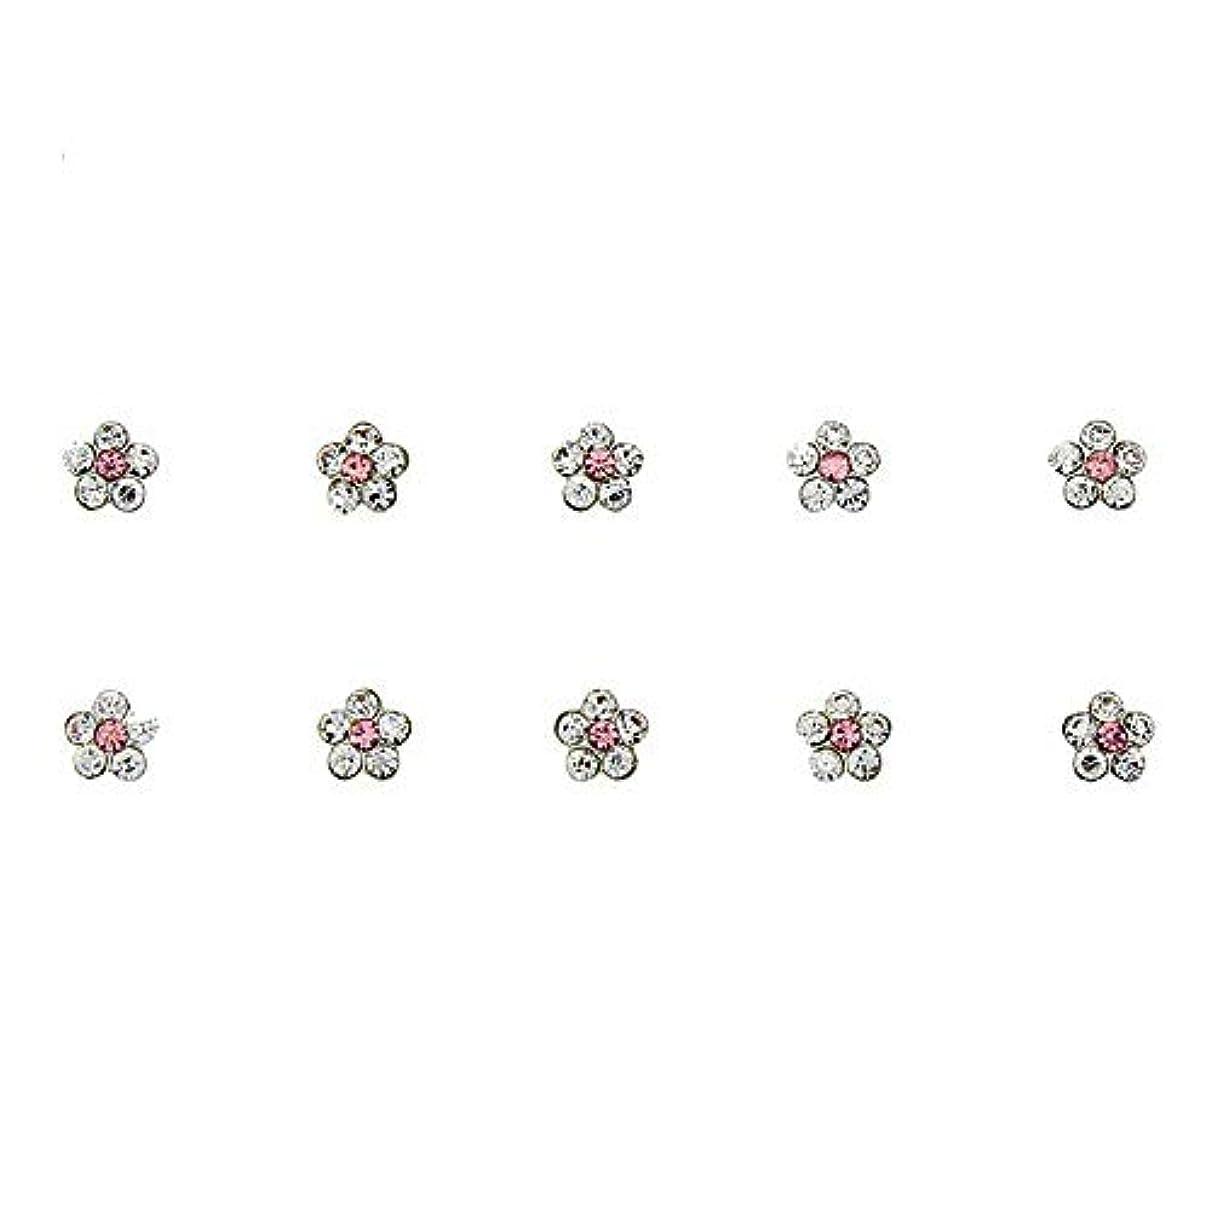 統計広げるスコットランド人ネイルズフラワーデザインの3Dネイルアートの装飾グリッター合金ピンクストラスマニキュア用10個/ロットクリスタルラインストーン